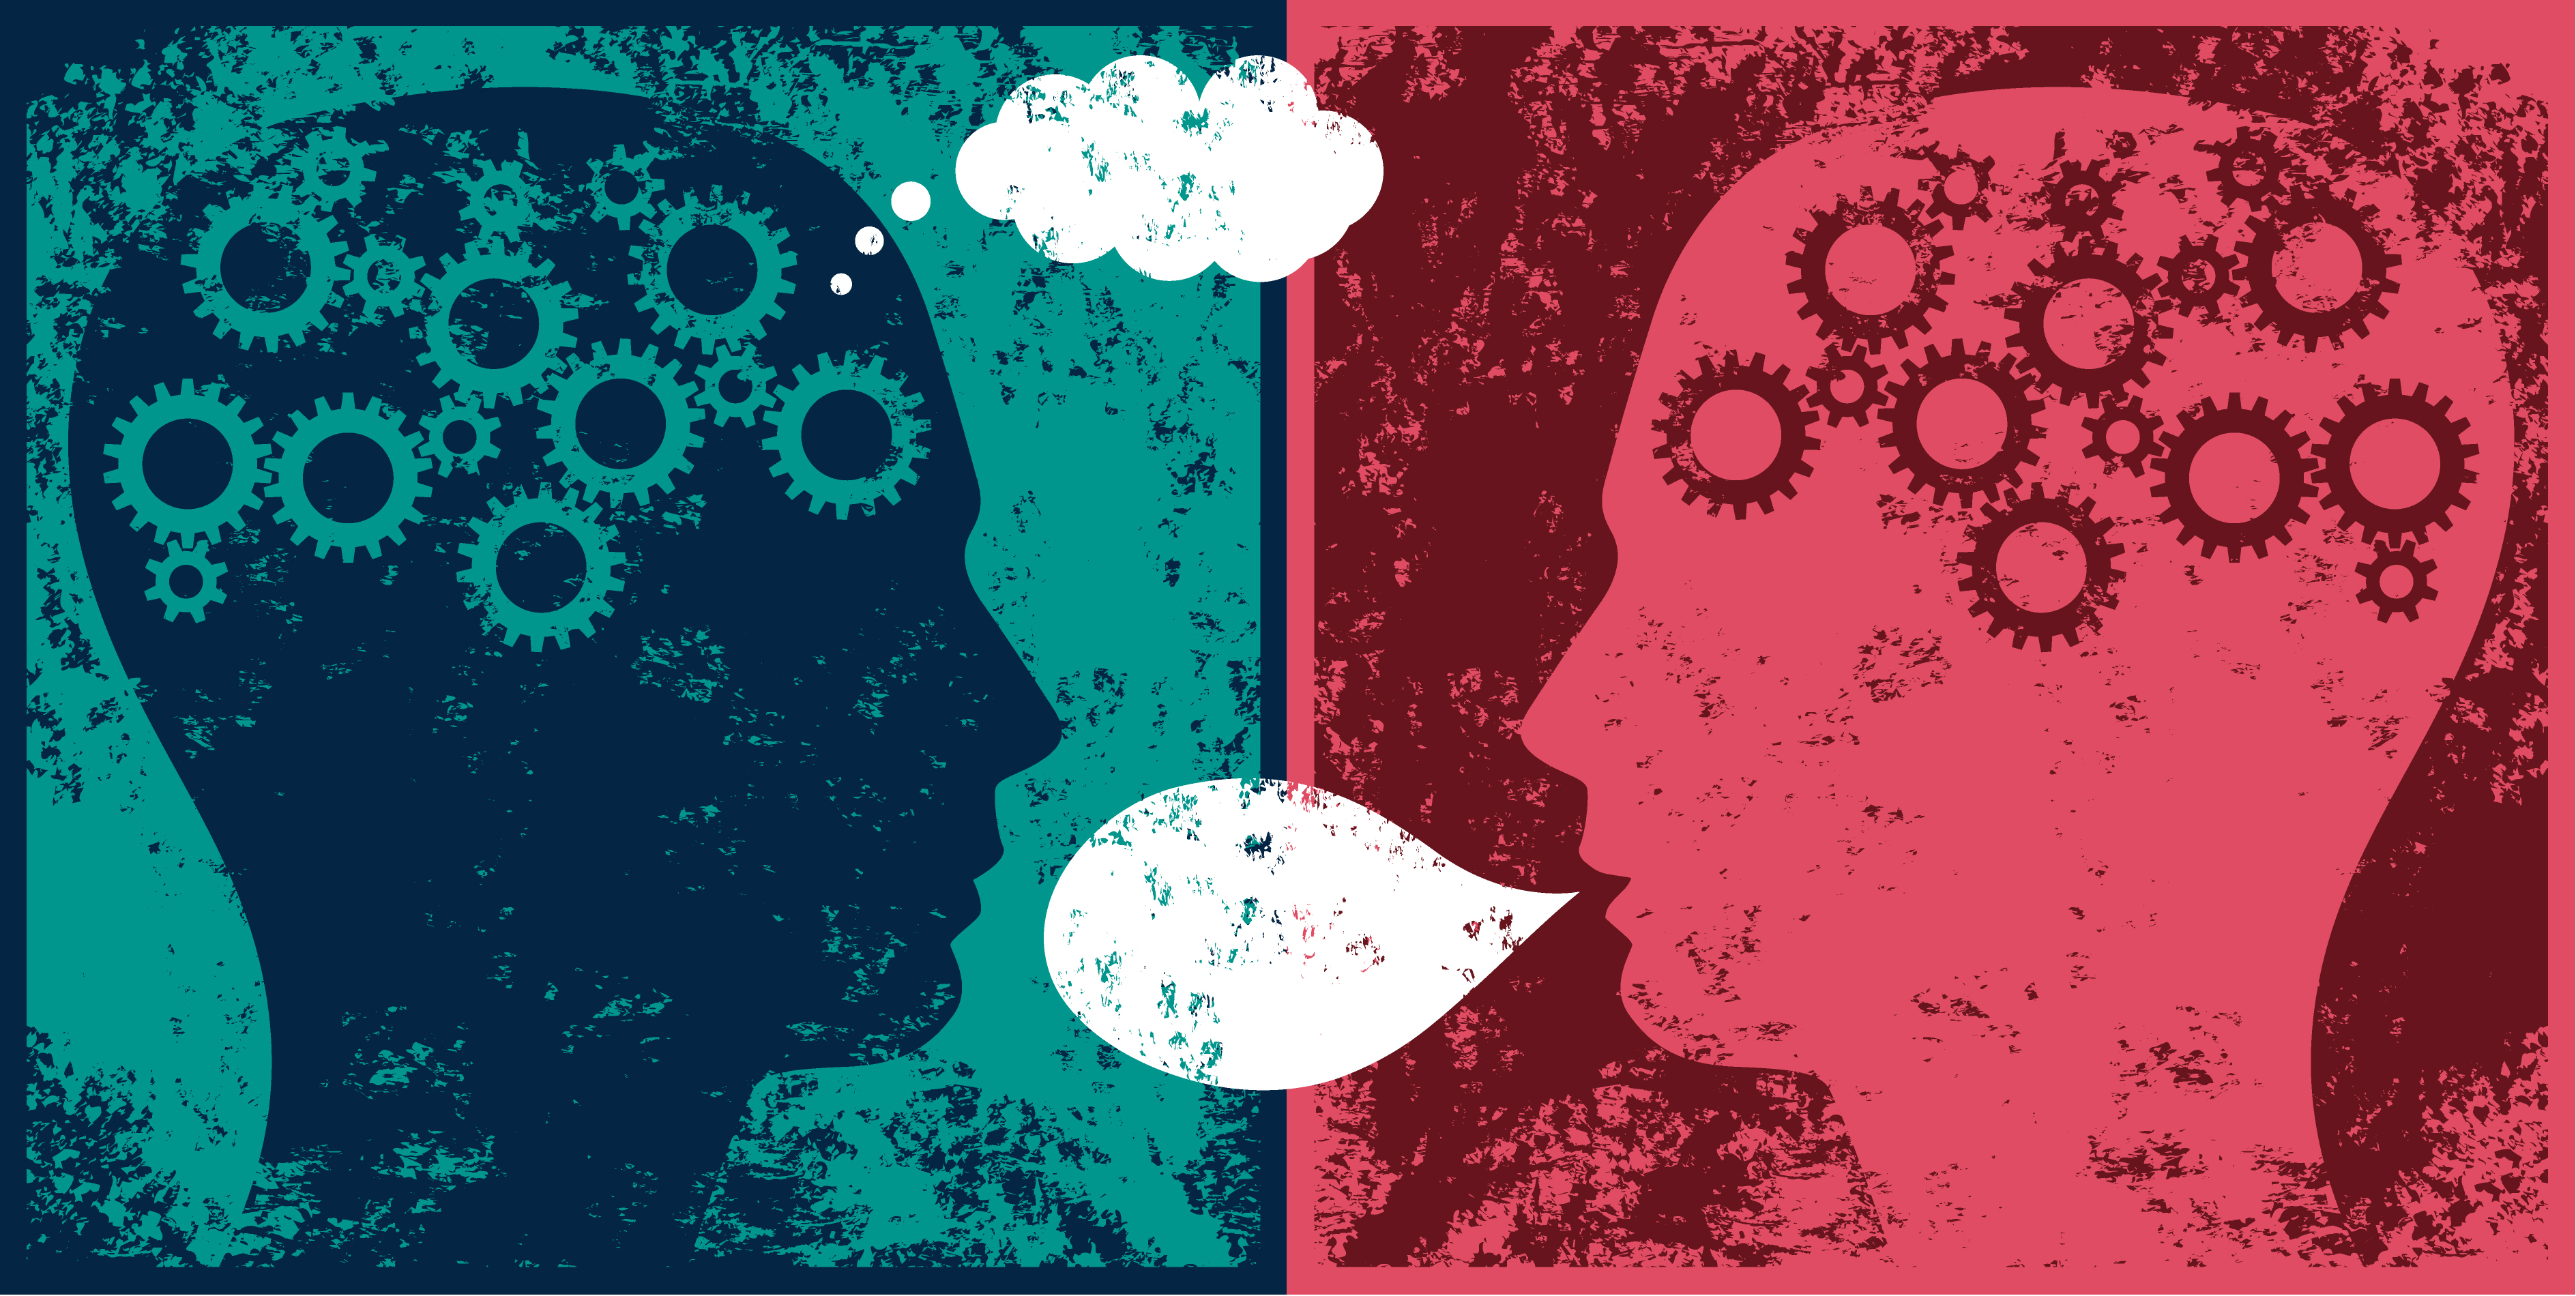 Professionelle Gesprächsführung - Dialogseminar Dr. Elfy Walch